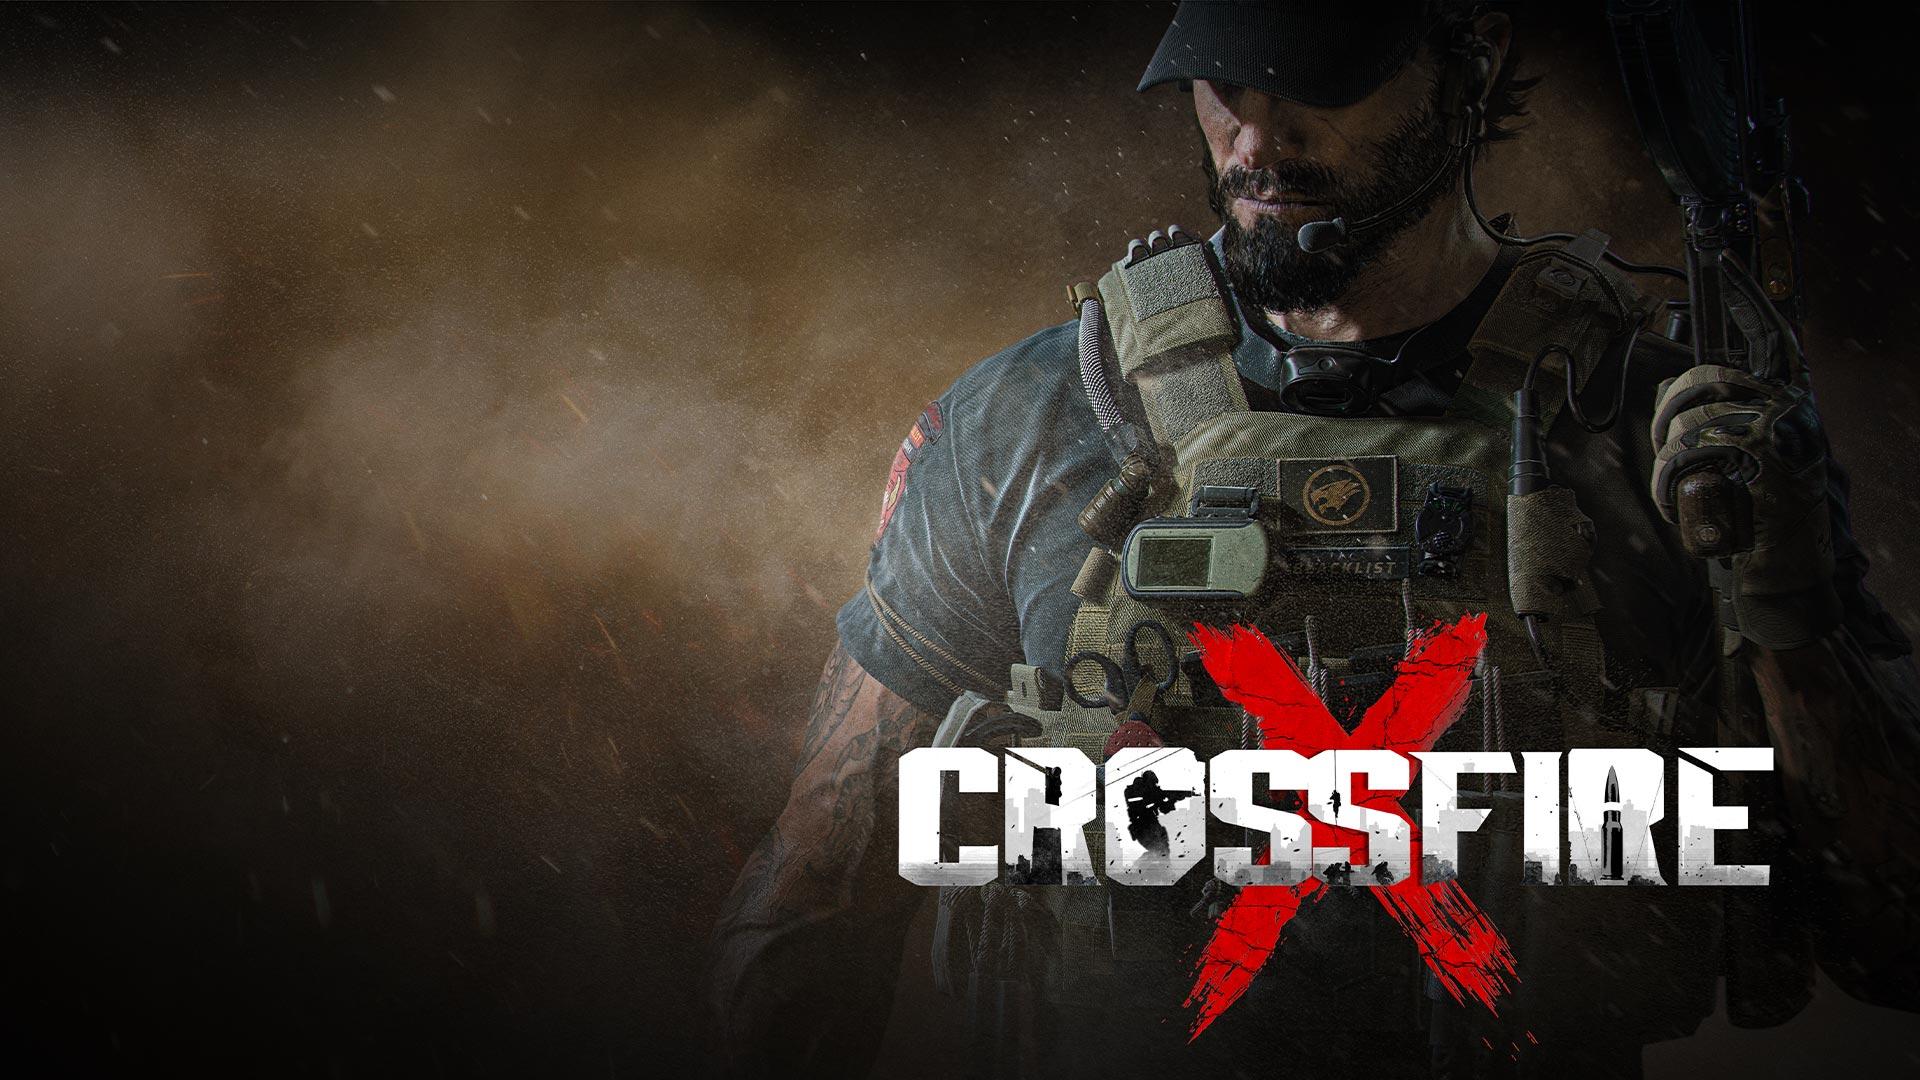 CrossfireX, Egy állig felfegyverzett ember áll füst és hamu közepette